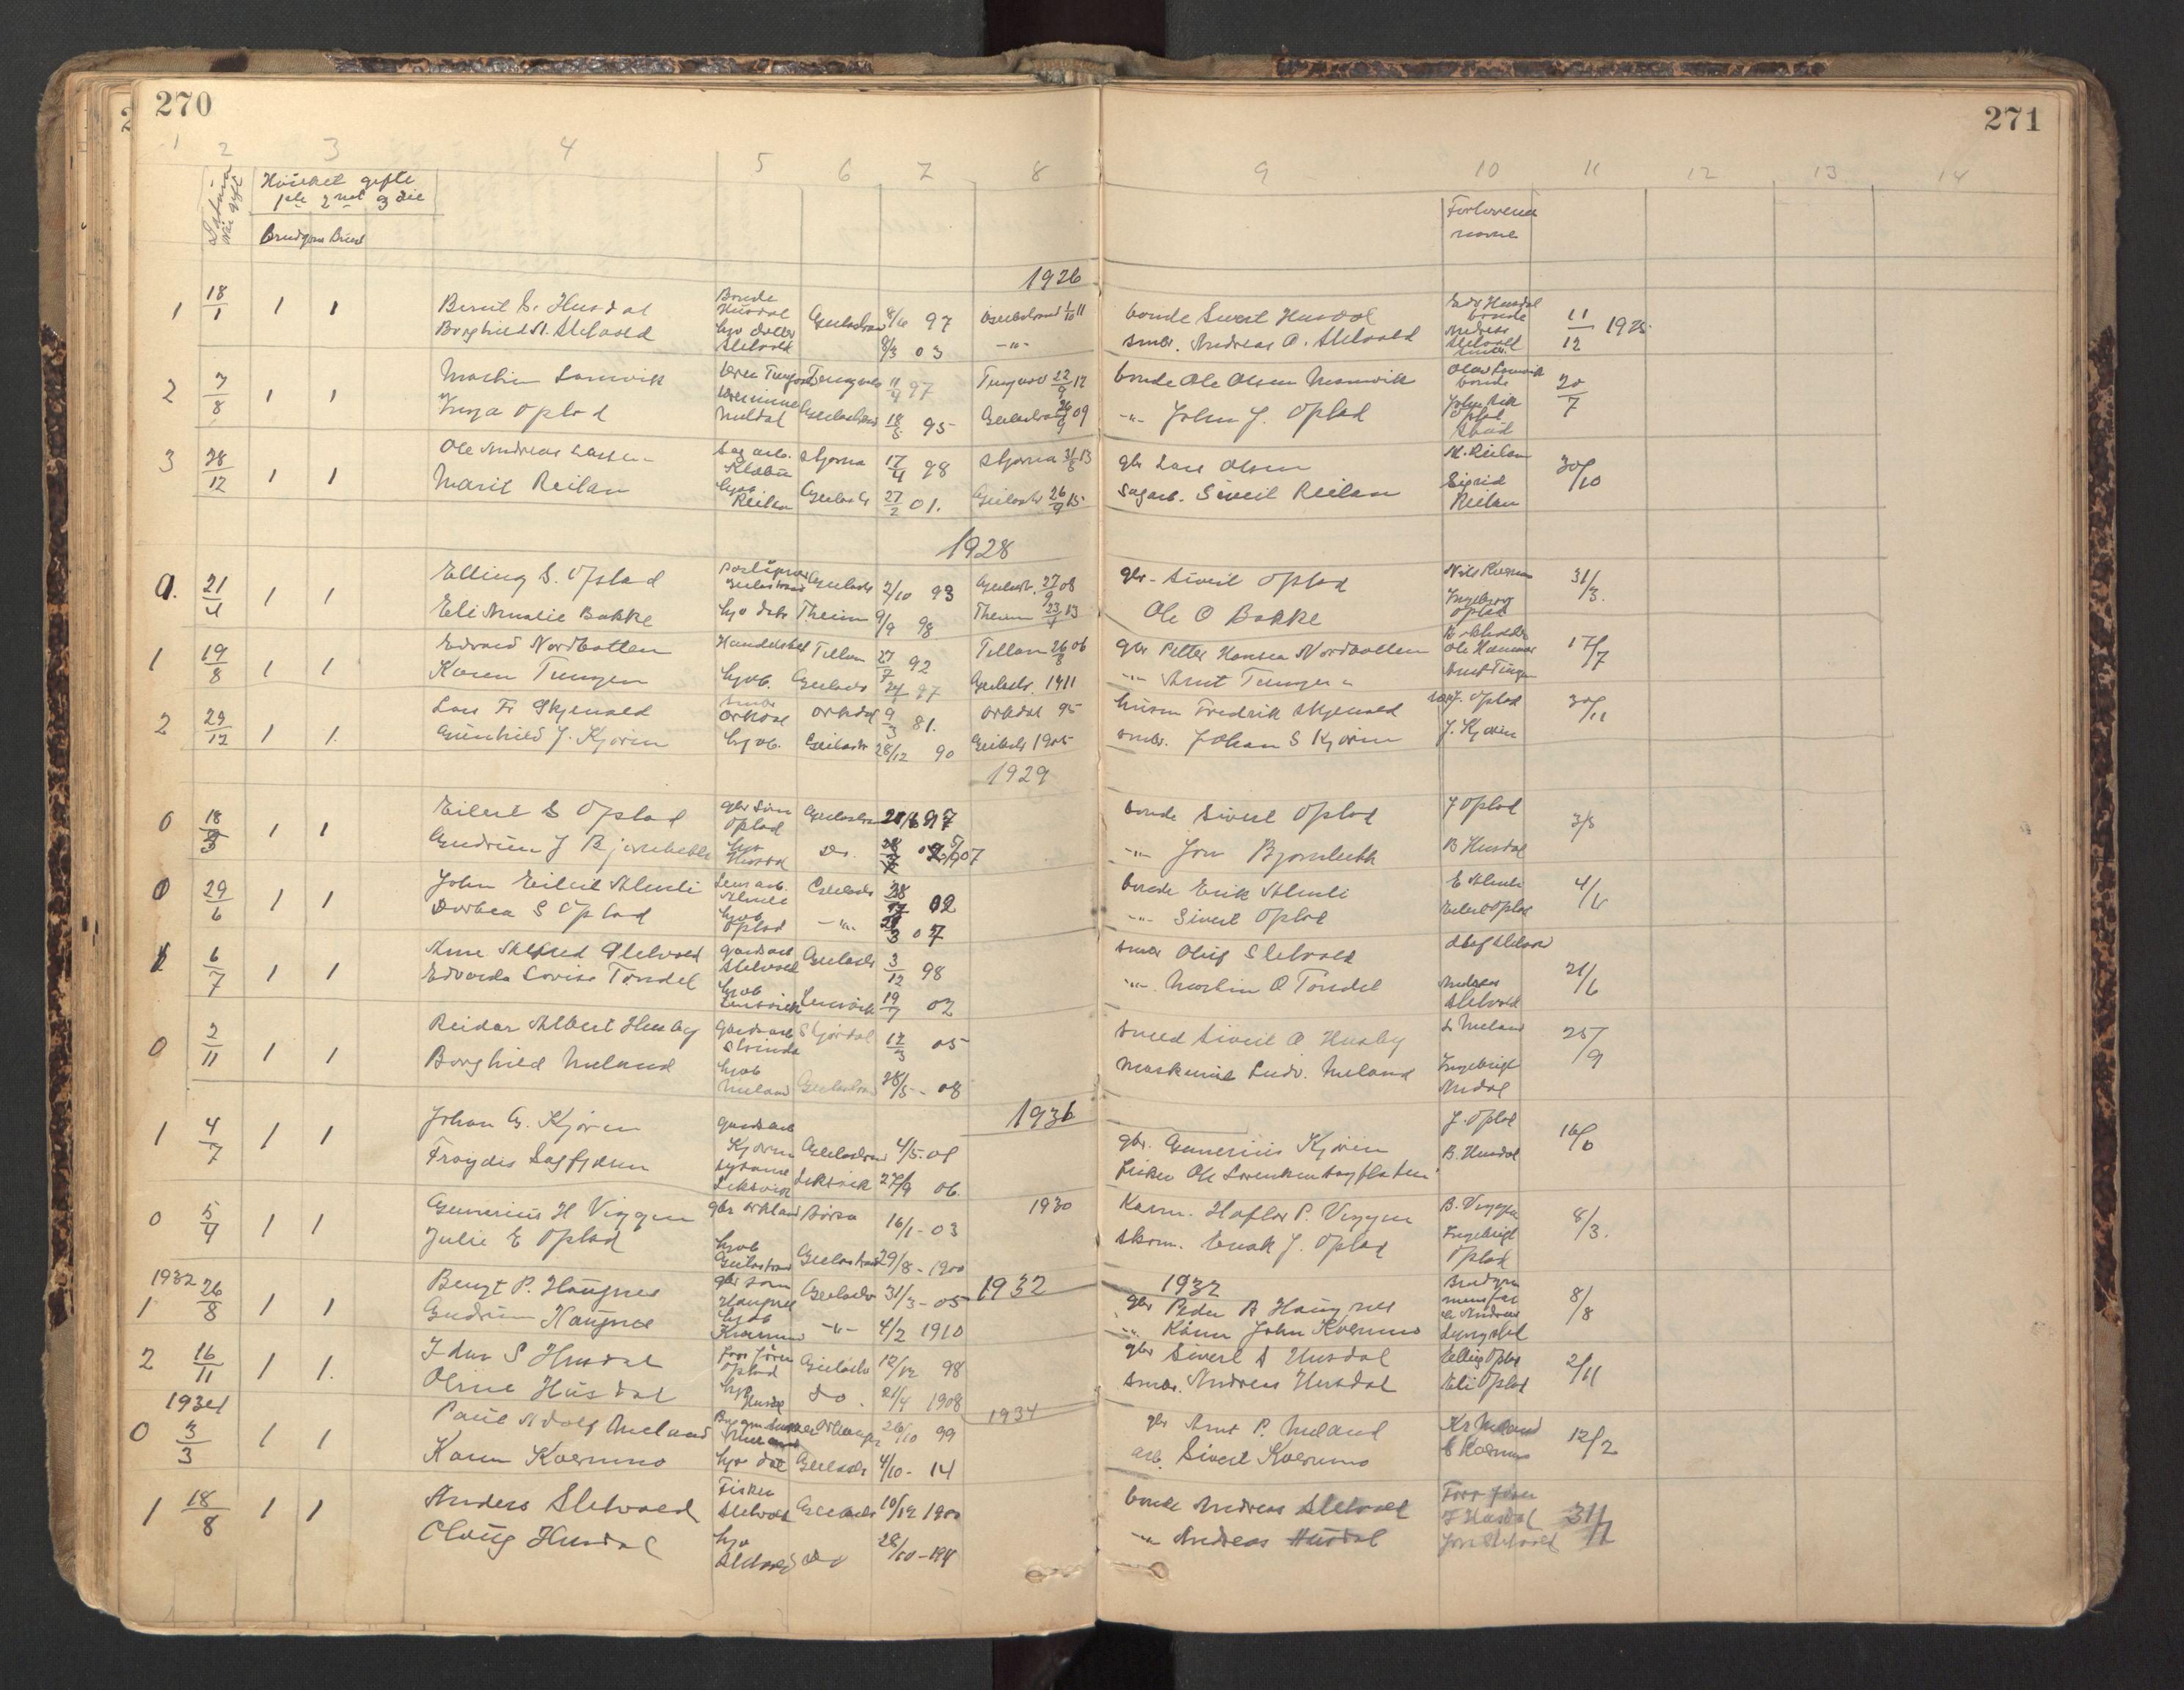 SAT, Ministerialprotokoller, klokkerbøker og fødselsregistre - Sør-Trøndelag, 670/L0837: Klokkerbok nr. 670C01, 1905-1946, s. 270-271